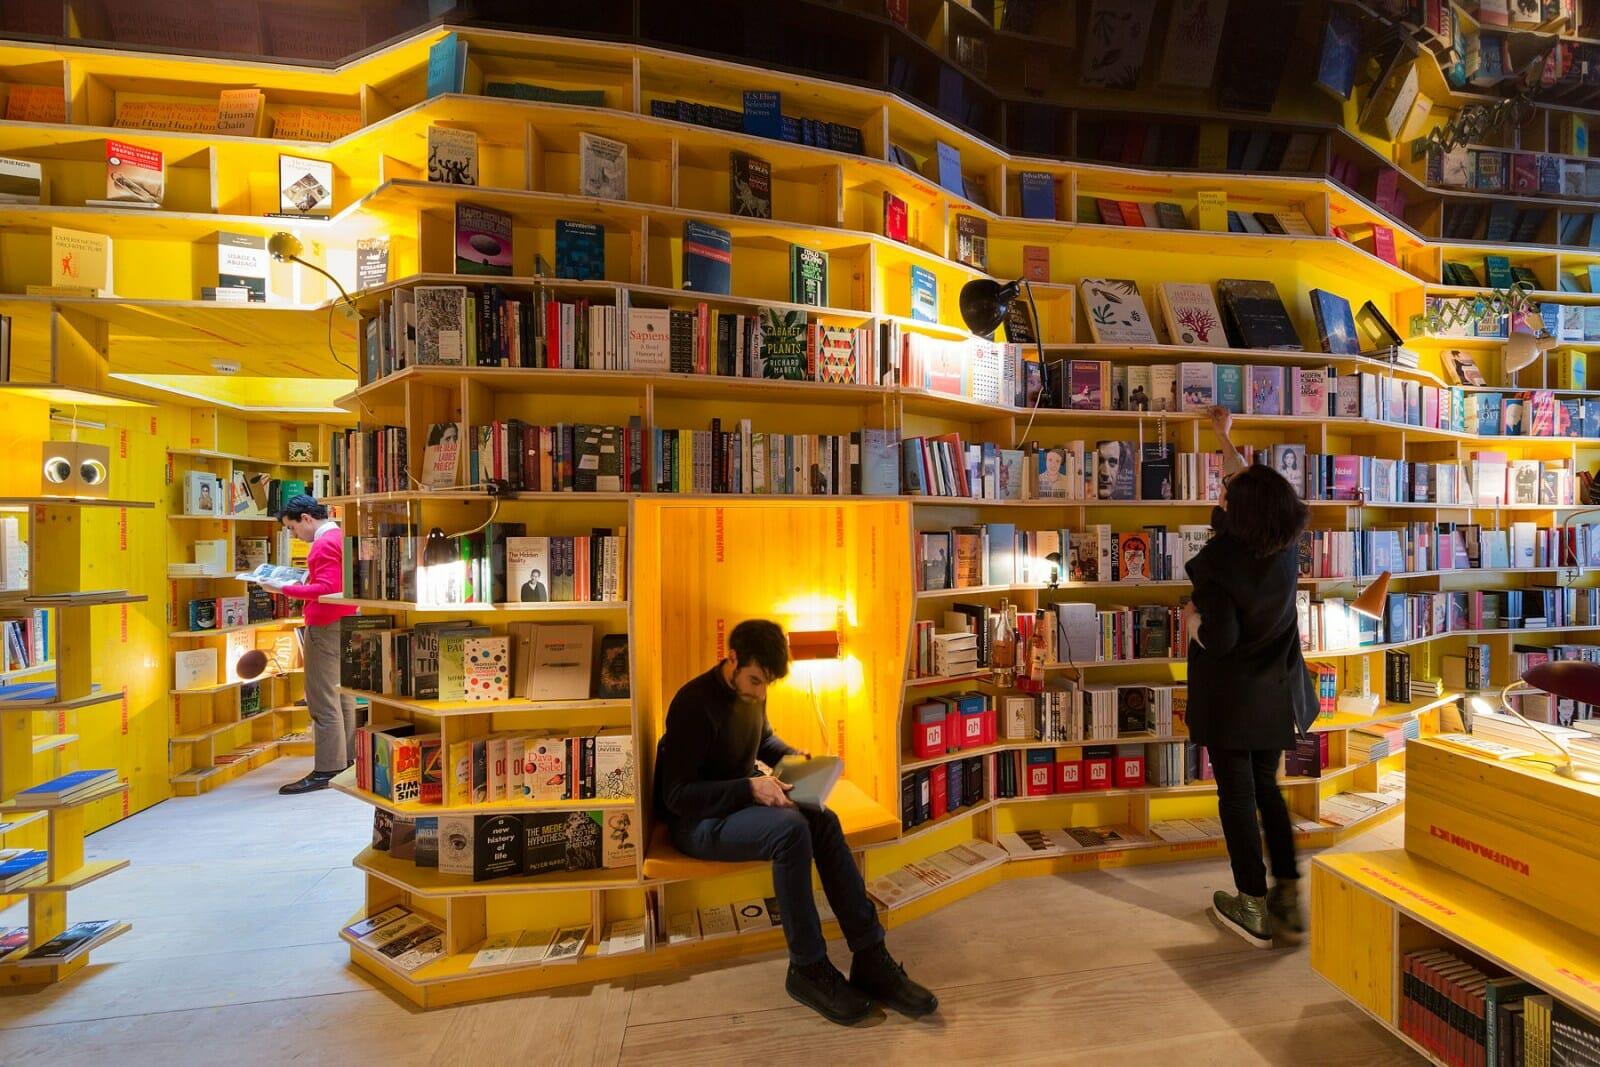 libreria shoreditch